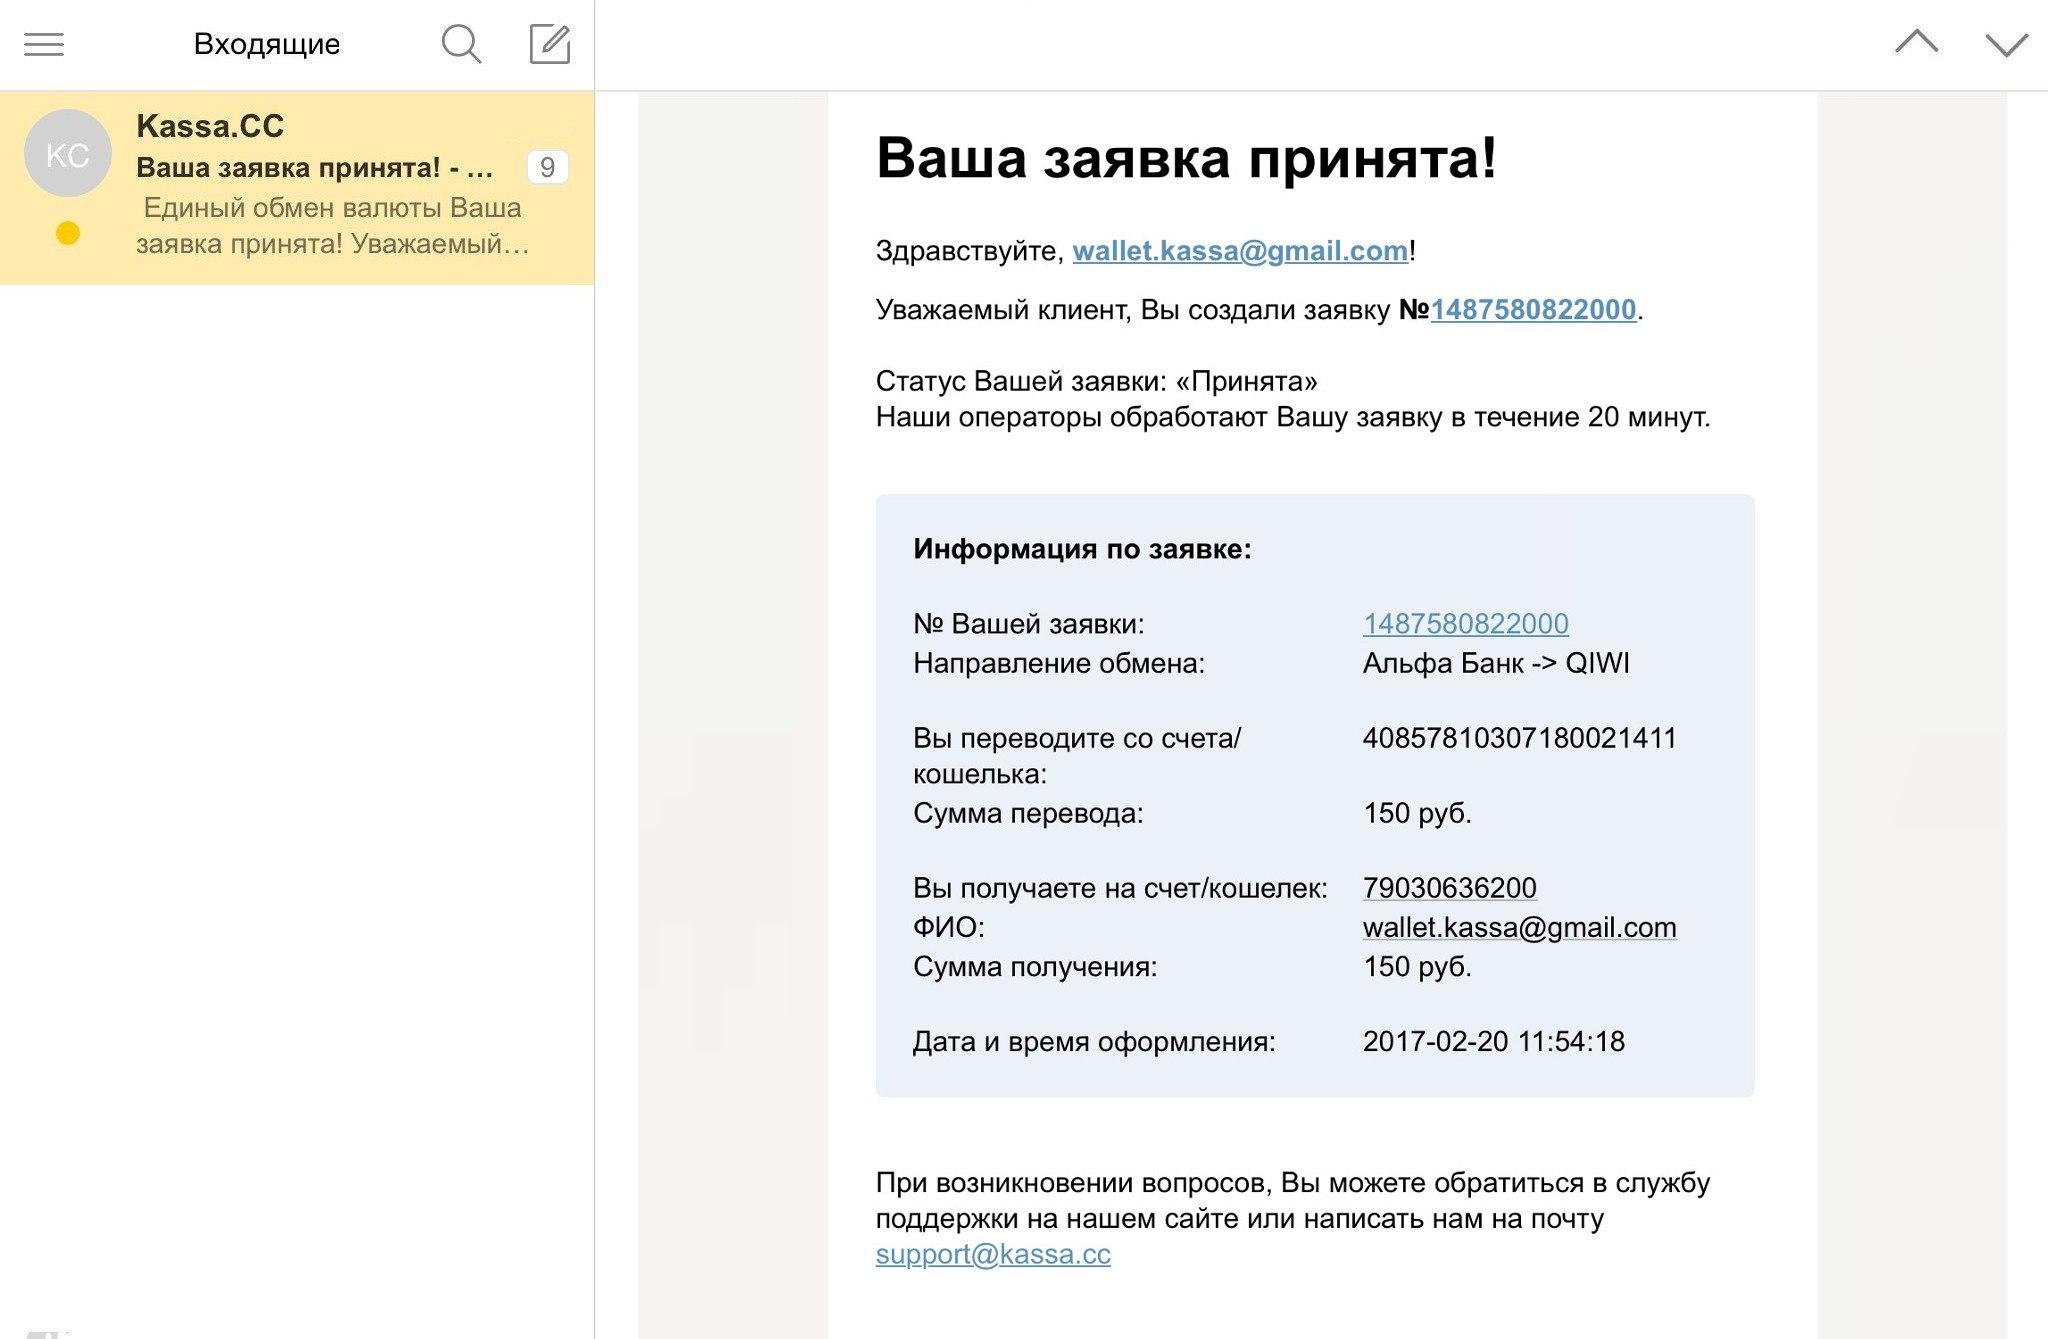 Kassa.cc - единый обмен валюты. Перевод с карты Альфа-Банк на QIWI RUB